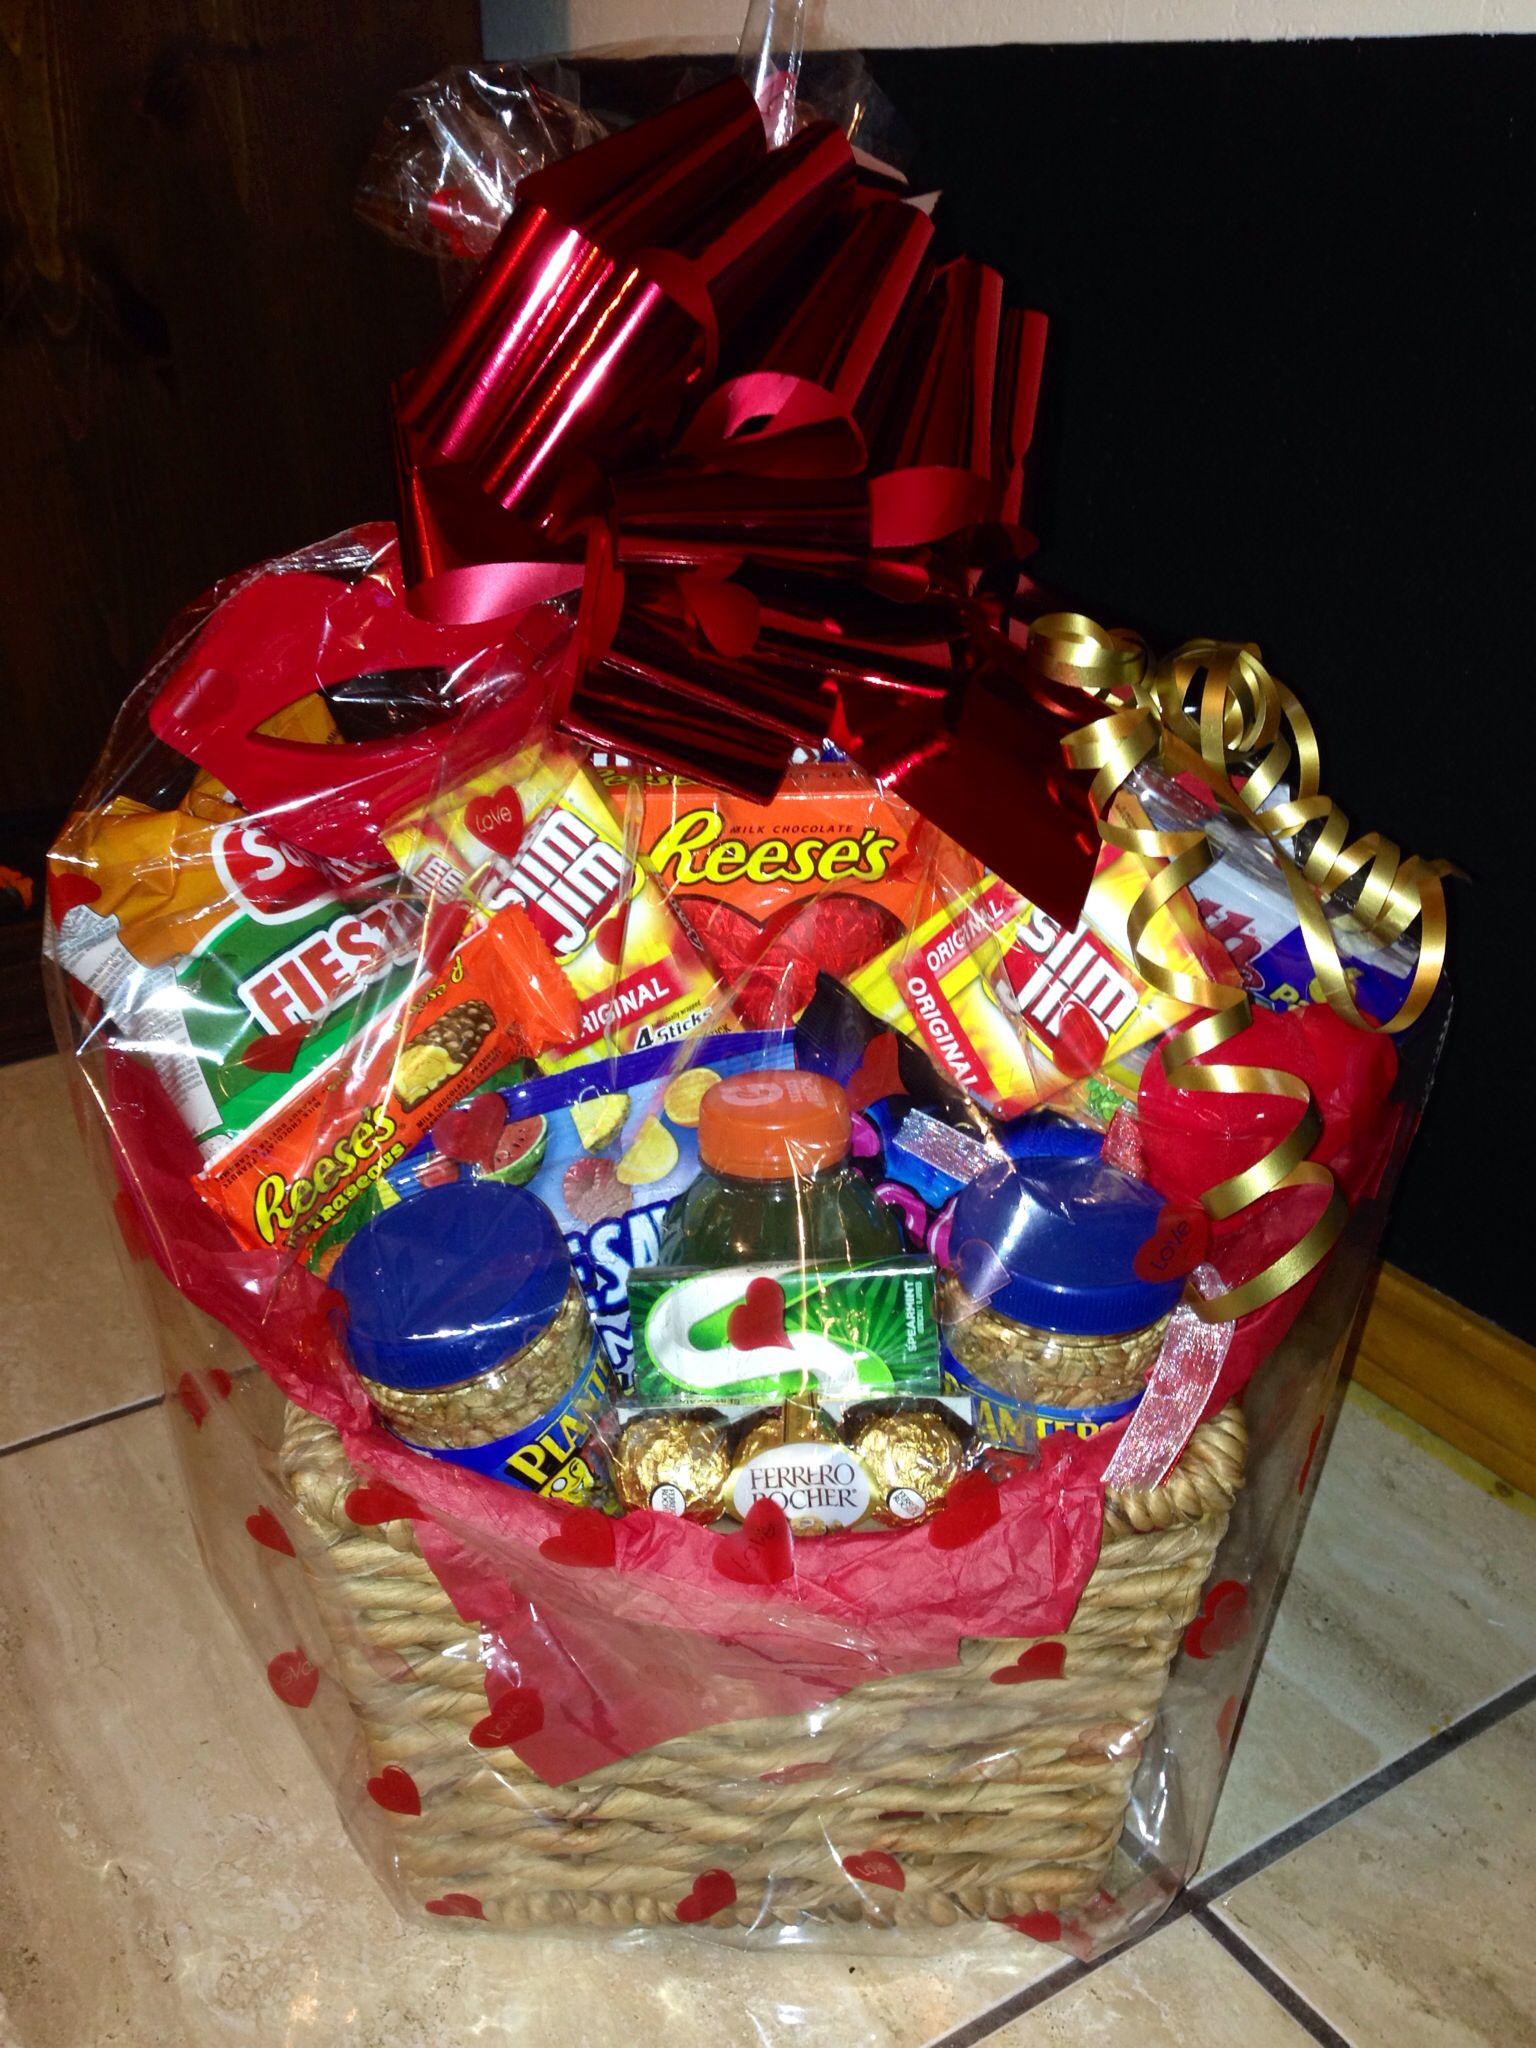 Diy Valentines Basket Valentines Day Baskets Valentine Gift Baskets Valentine S Day Gift Baskets